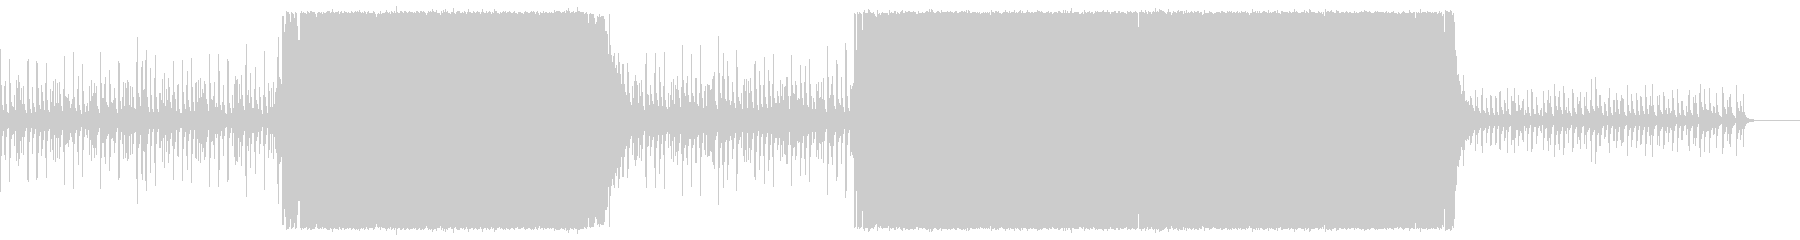 シンプルかっこいいアコースティックロックの未再生の波形